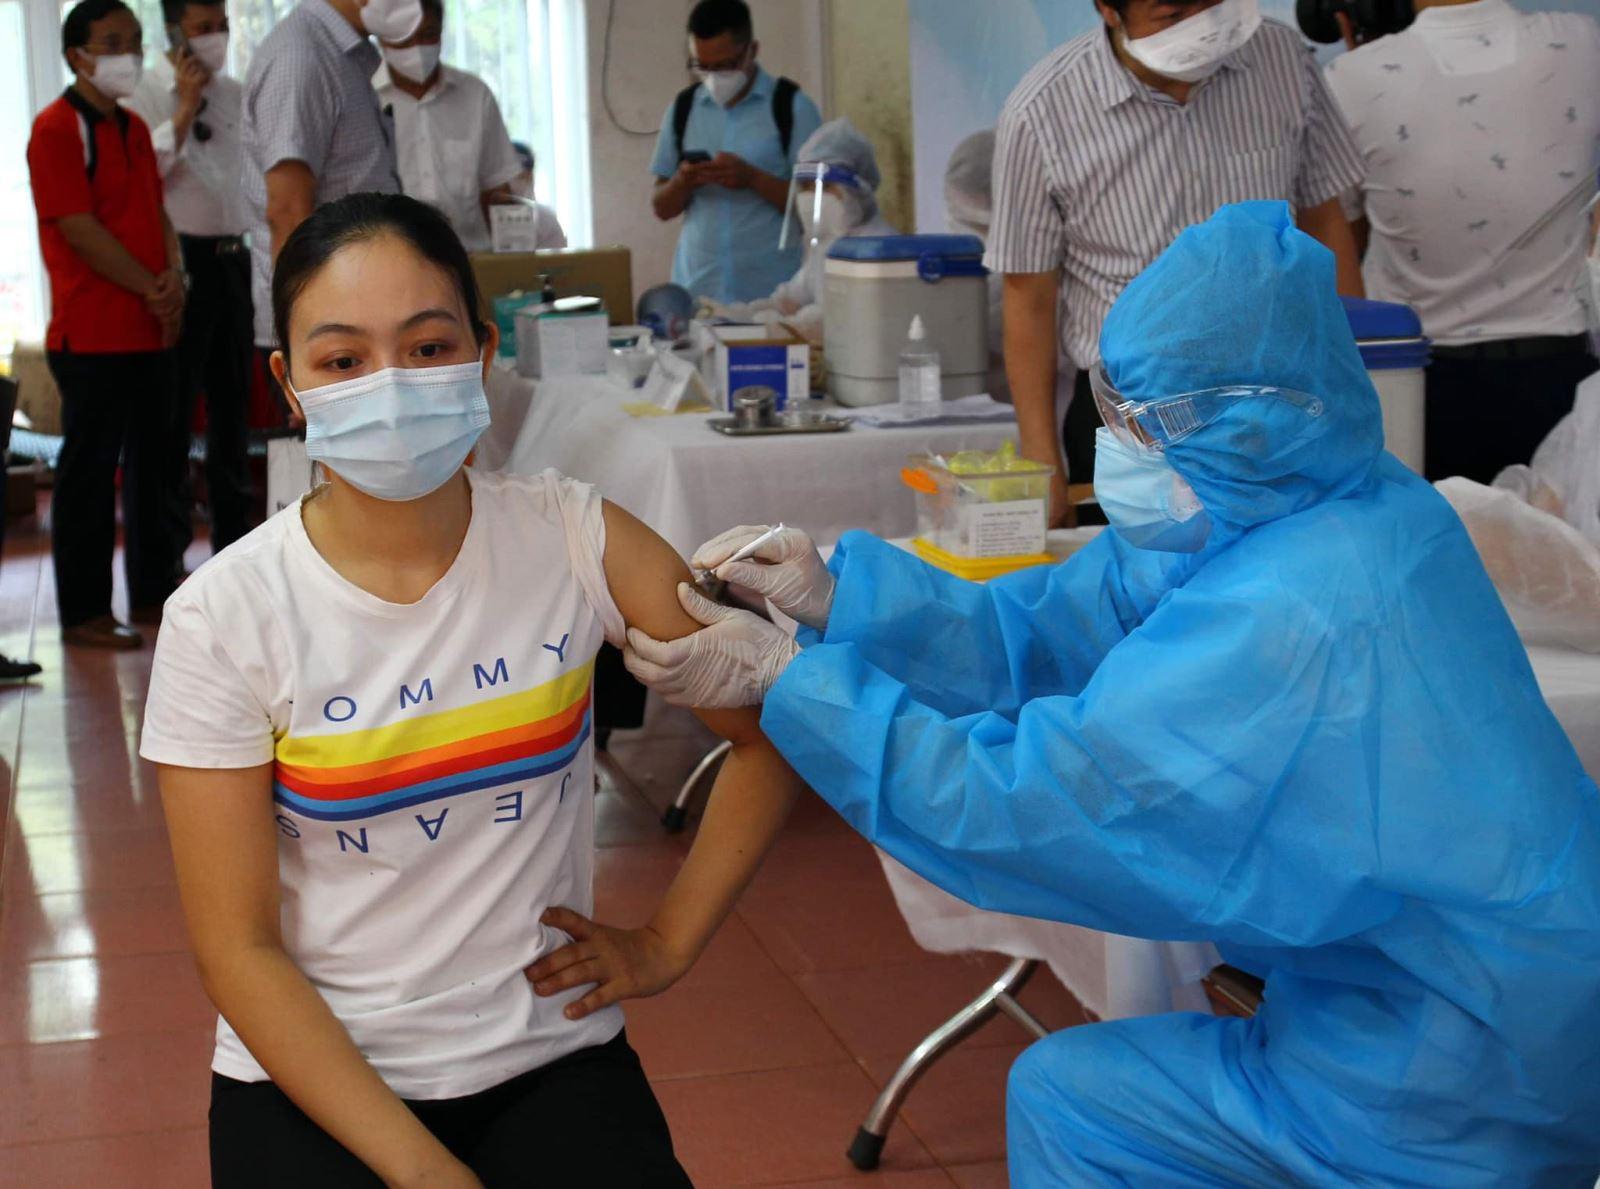 Vaccine COVID-19 bảo vệ người được tiêm như thế nào? - Ảnh 1.